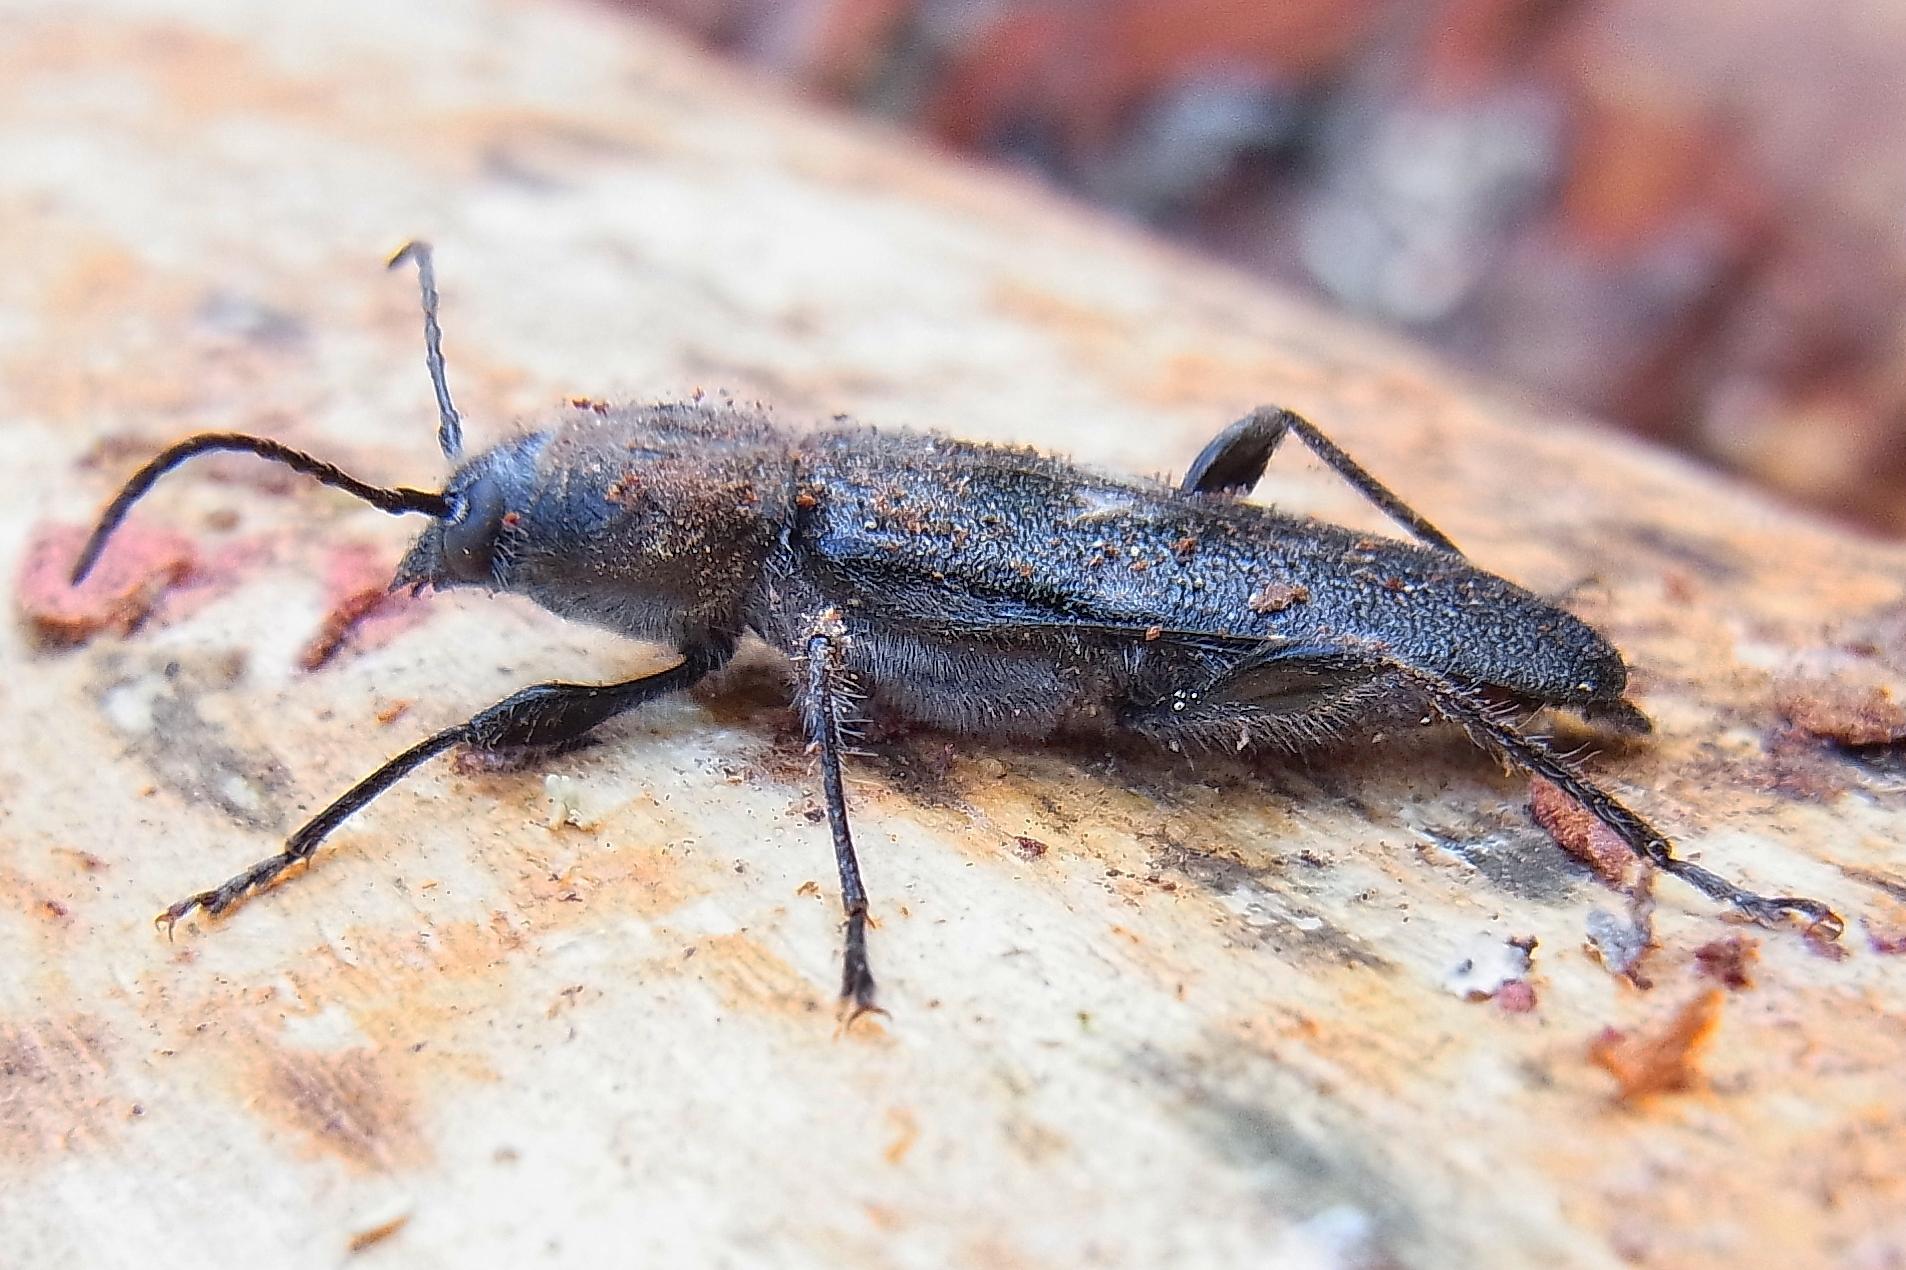 Mehlkäfer Bekämpfen käfer ungeziefer und schädlinge ungeziefer ratgeber